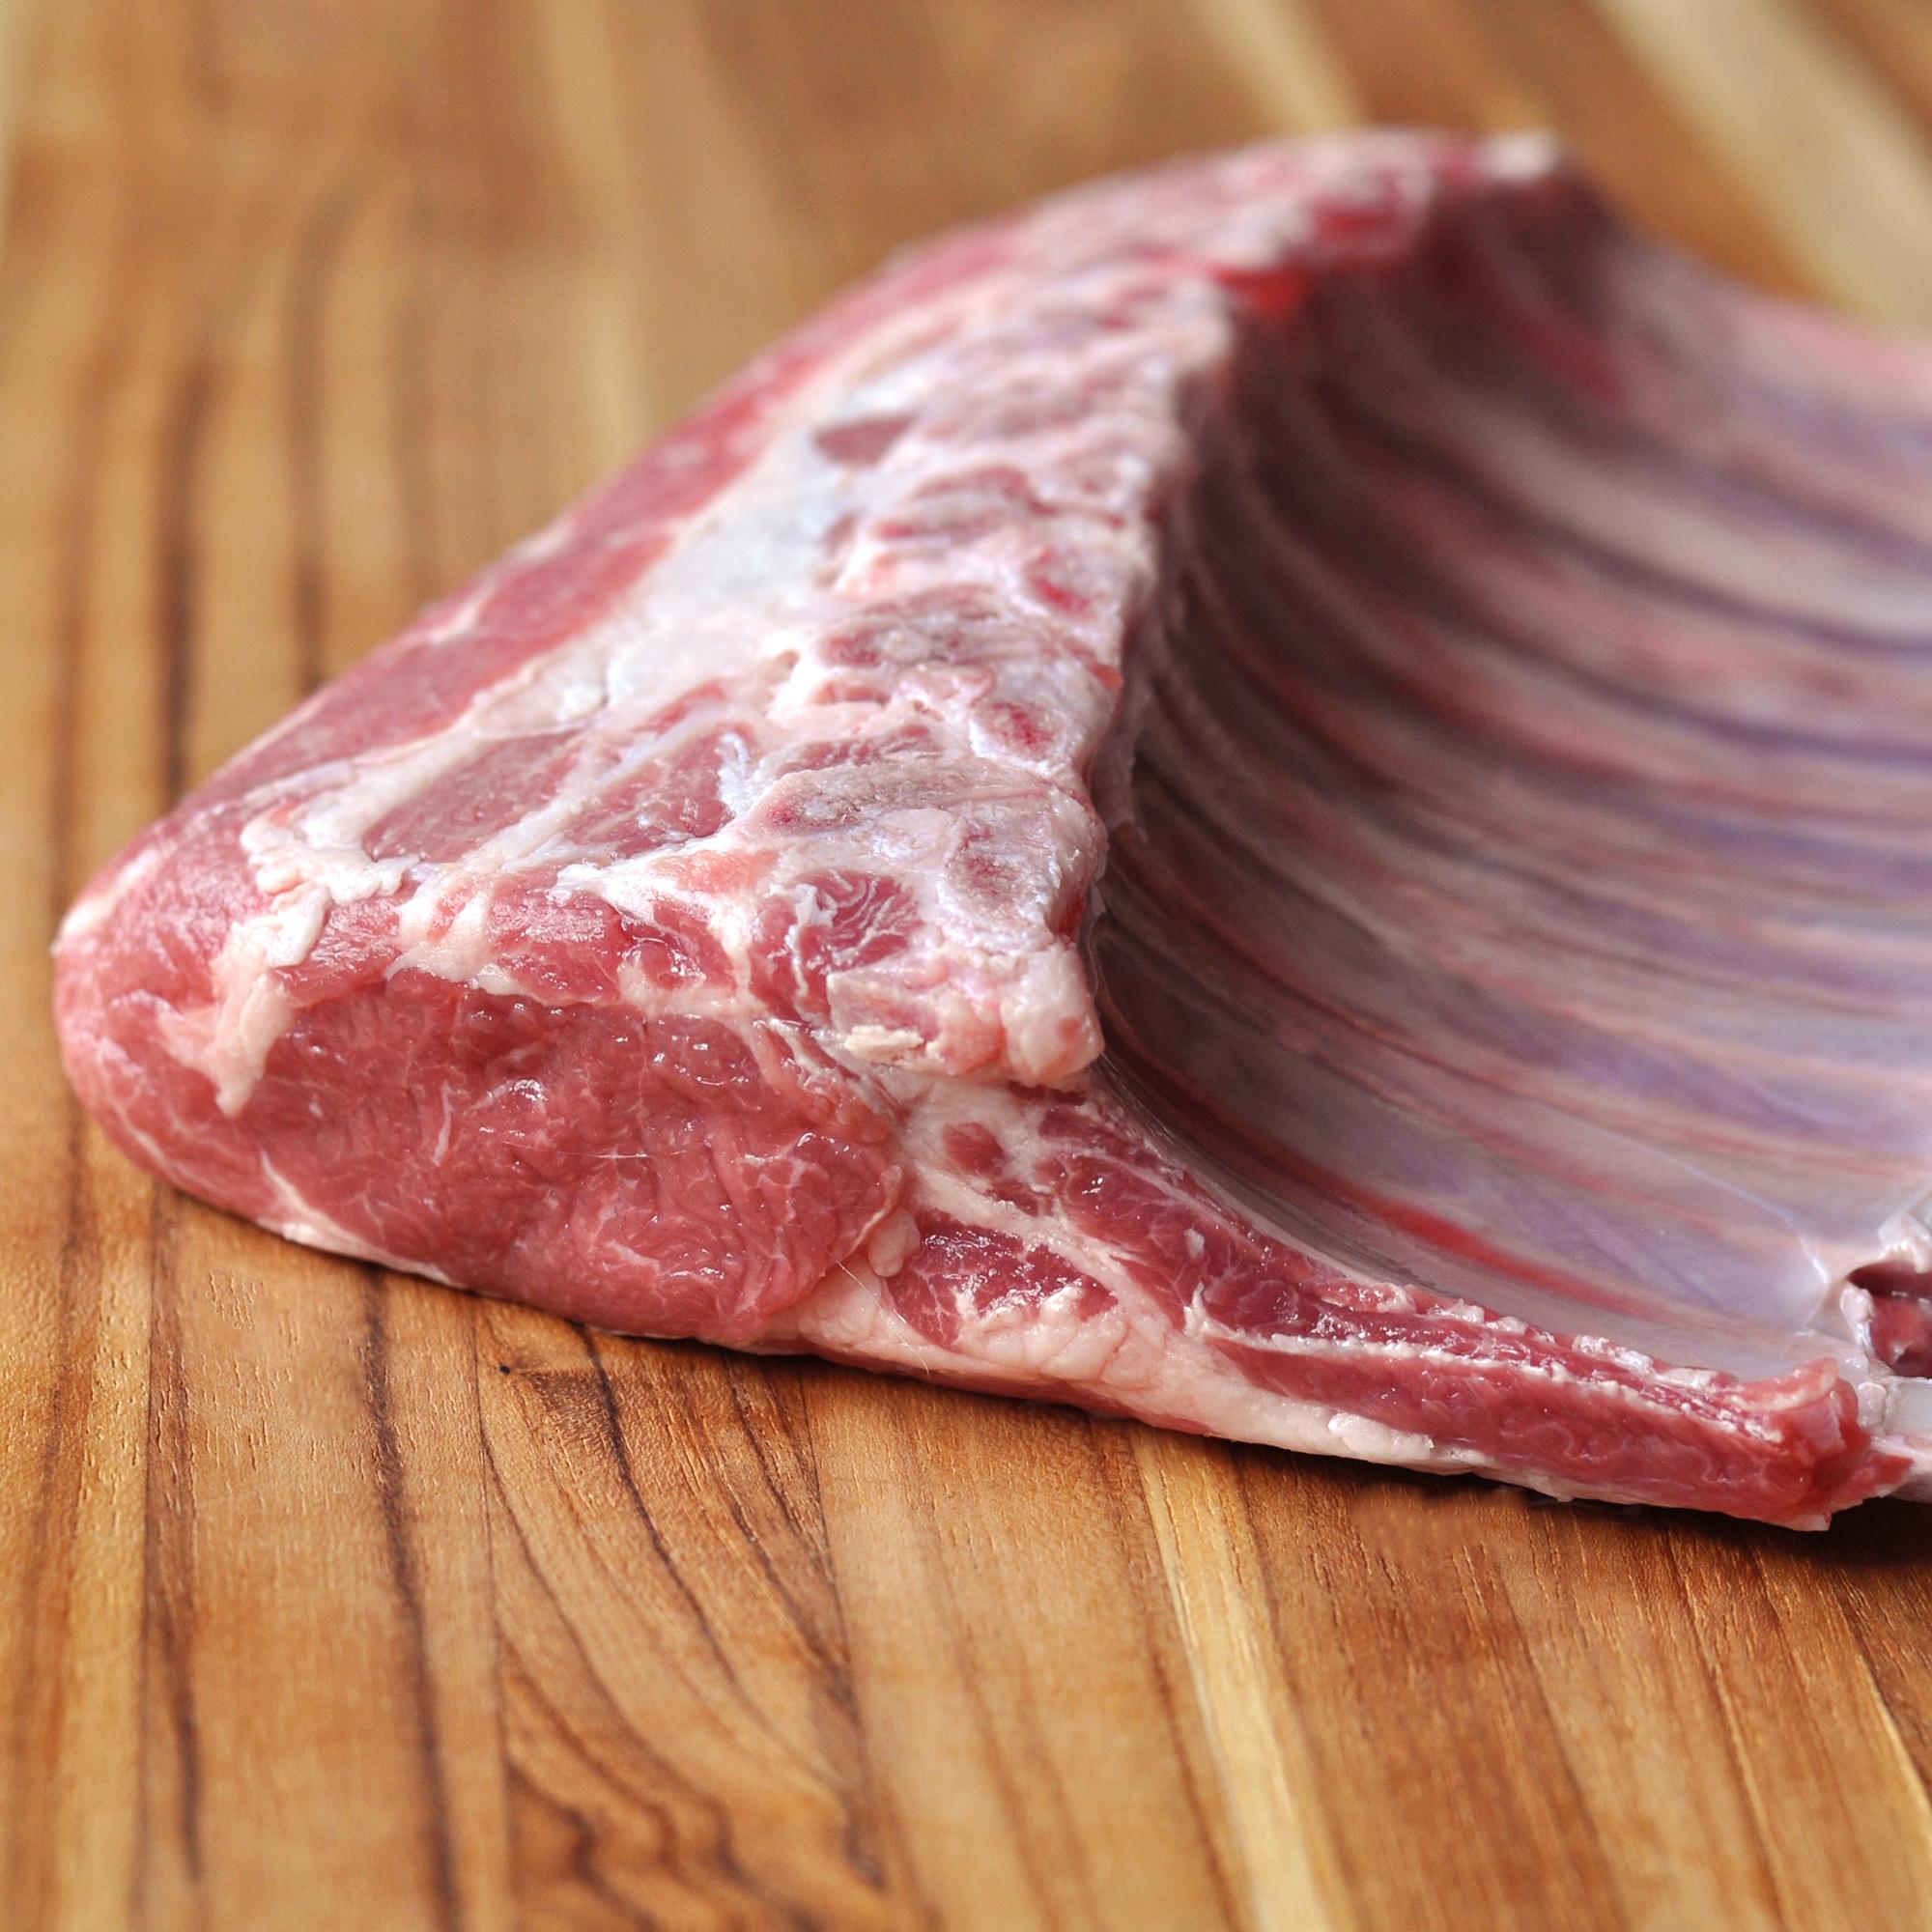 Bạn có biết các chất dinh dưỡng trong thịt cừu? 3